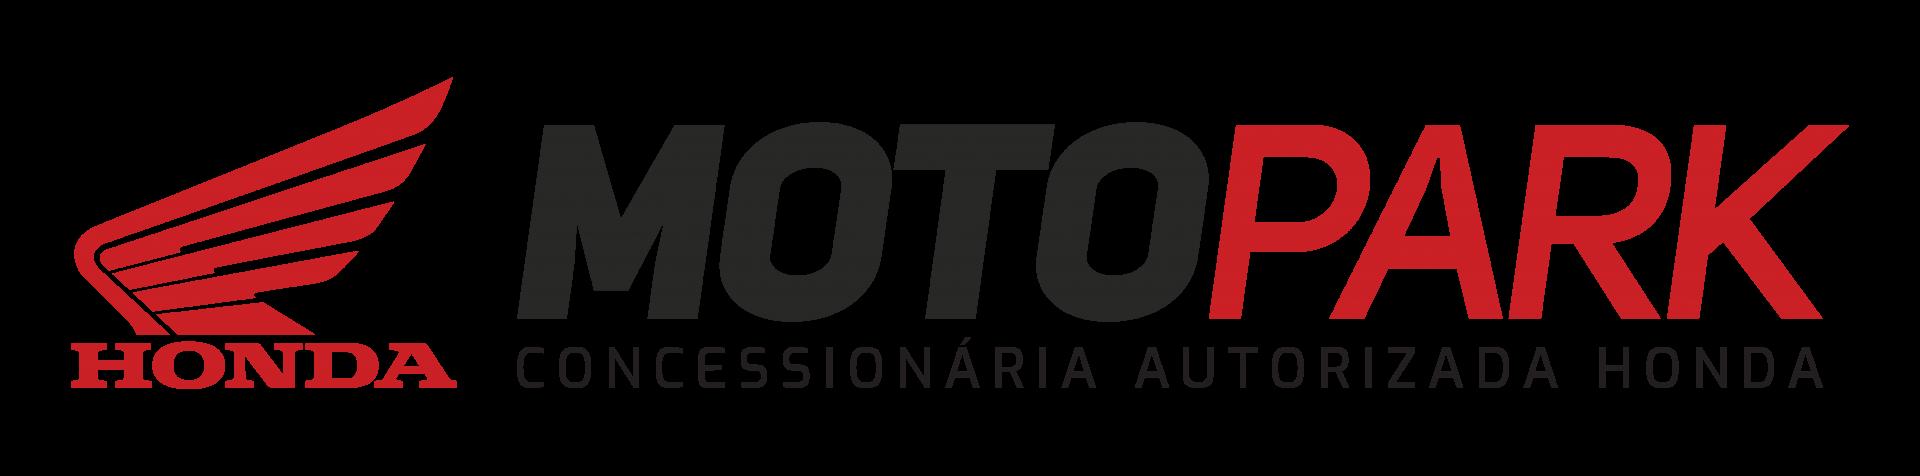 Motopark Honda